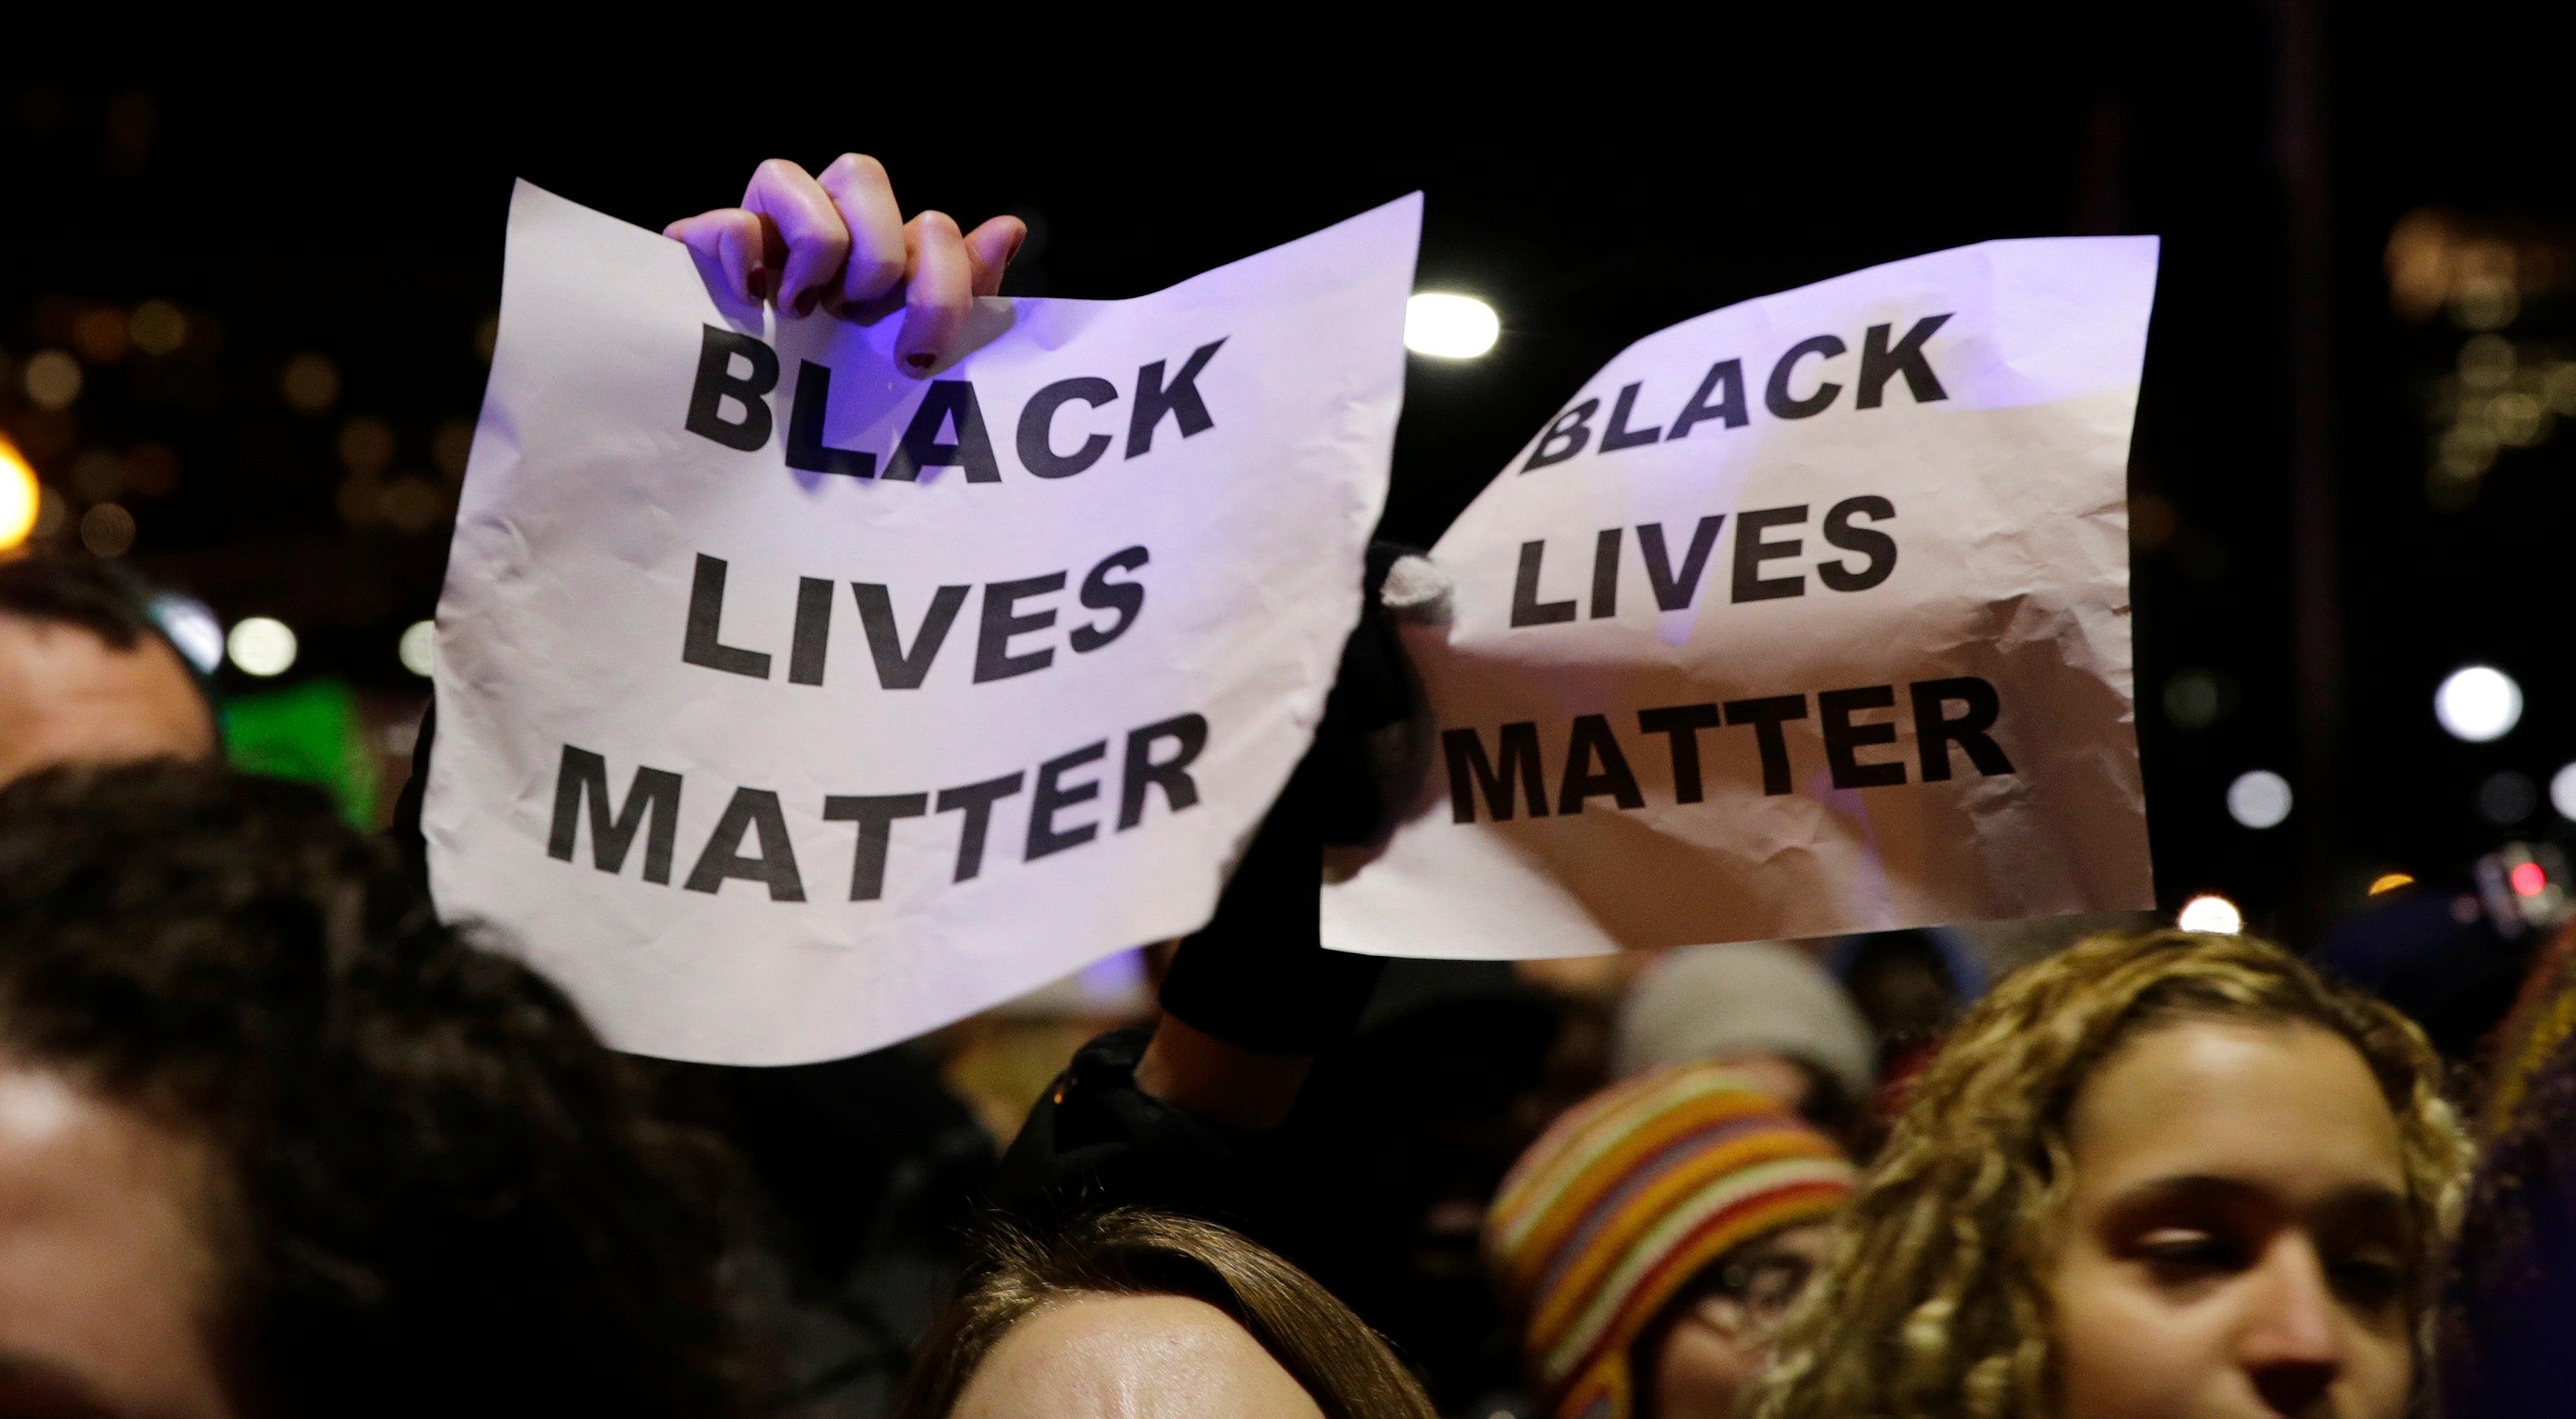 Mall Cops Catfished Black Lives Matter Activists on Facebook